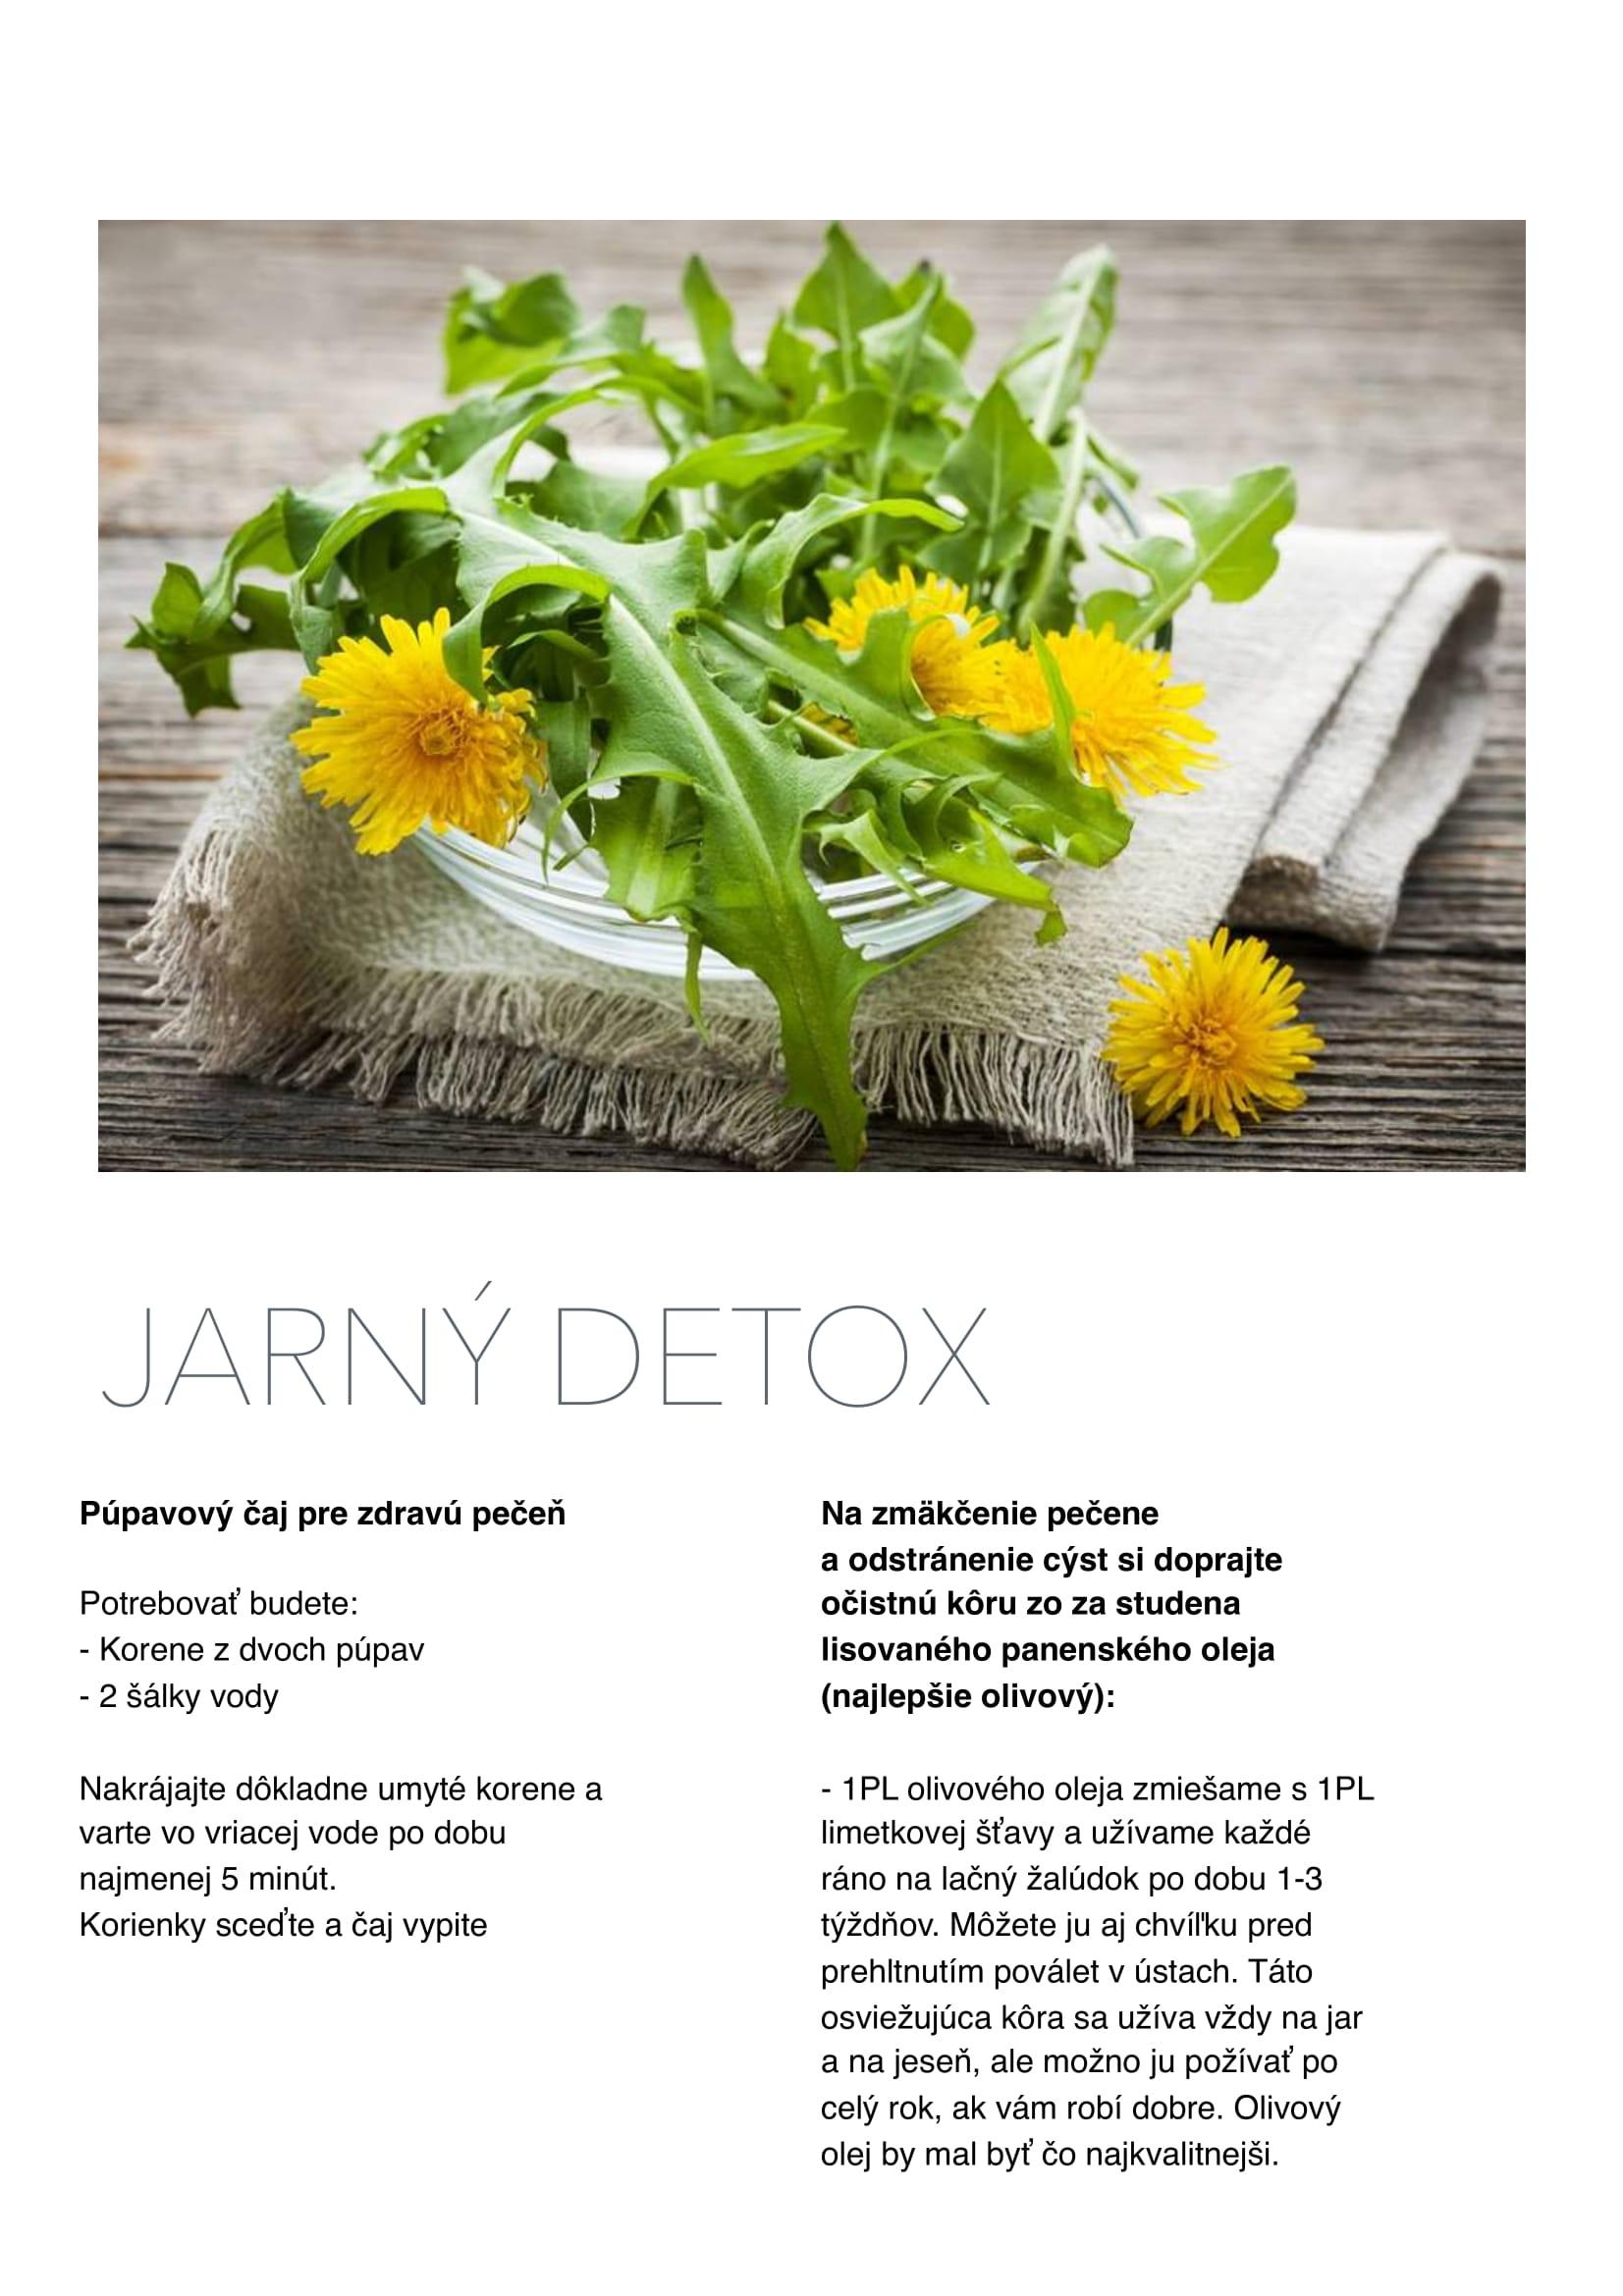 Jarn detox-1 2jpg